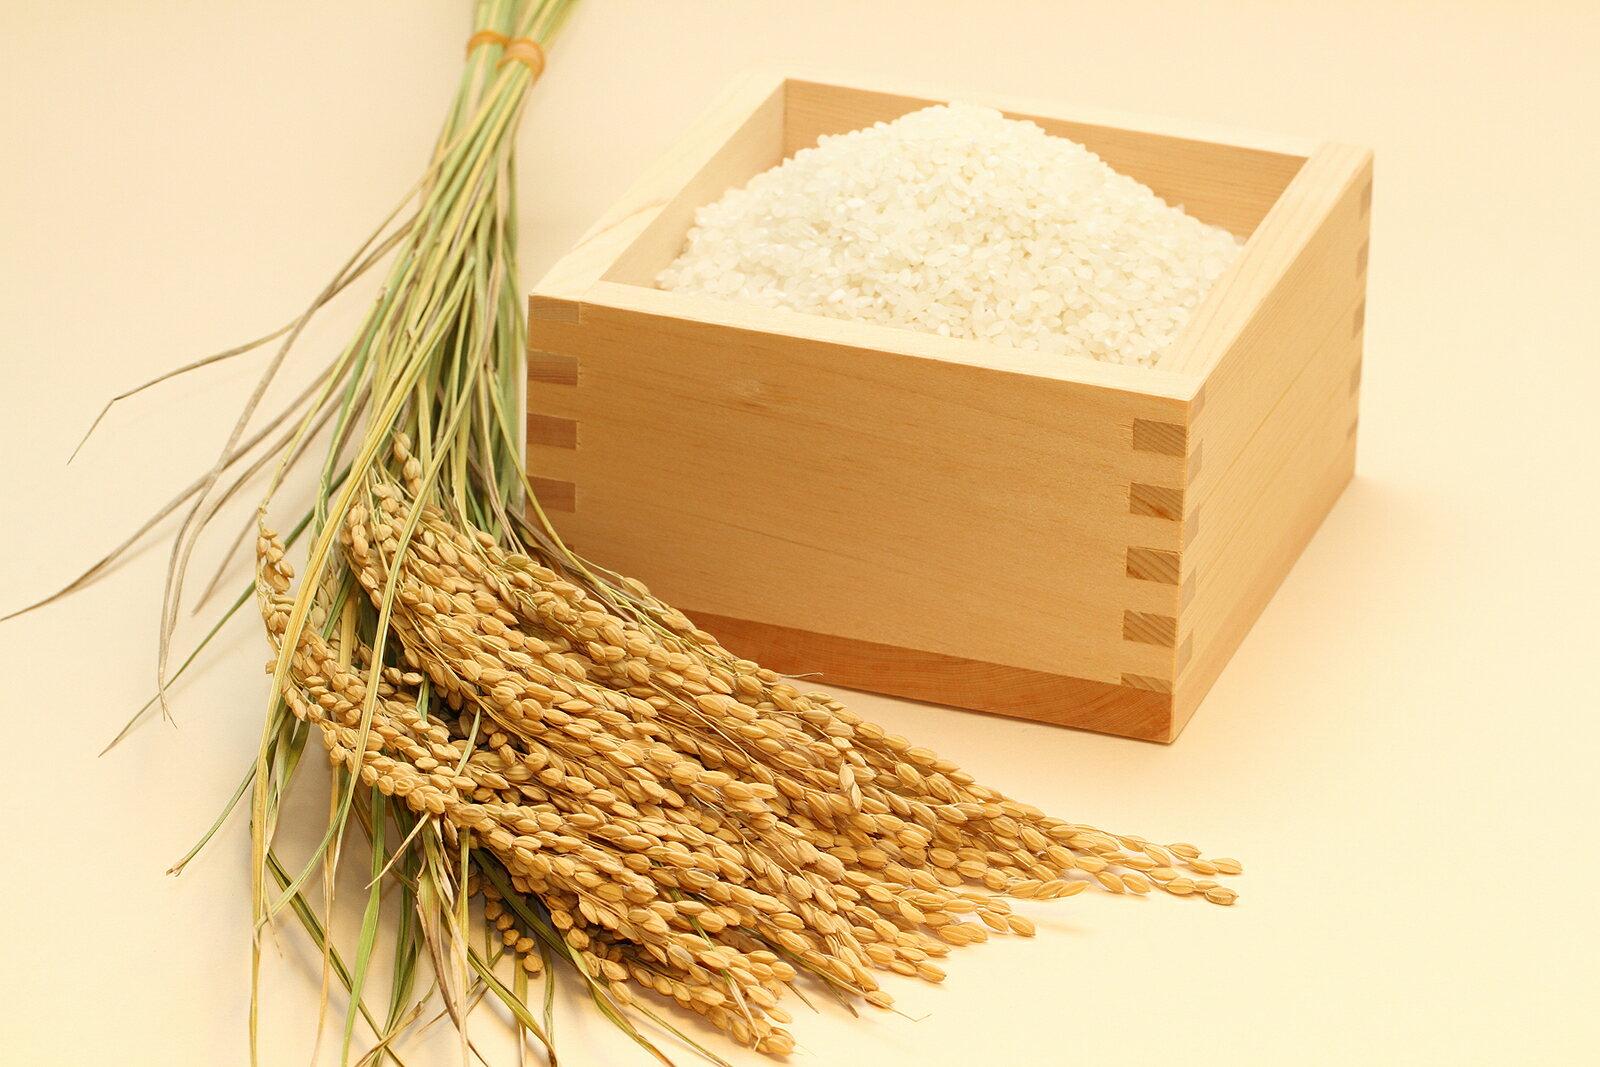 コシヒカリ 環境こだわり米 玄米のまま 30kg 送料無料 無農薬 2018【平成30年・滋賀県産】